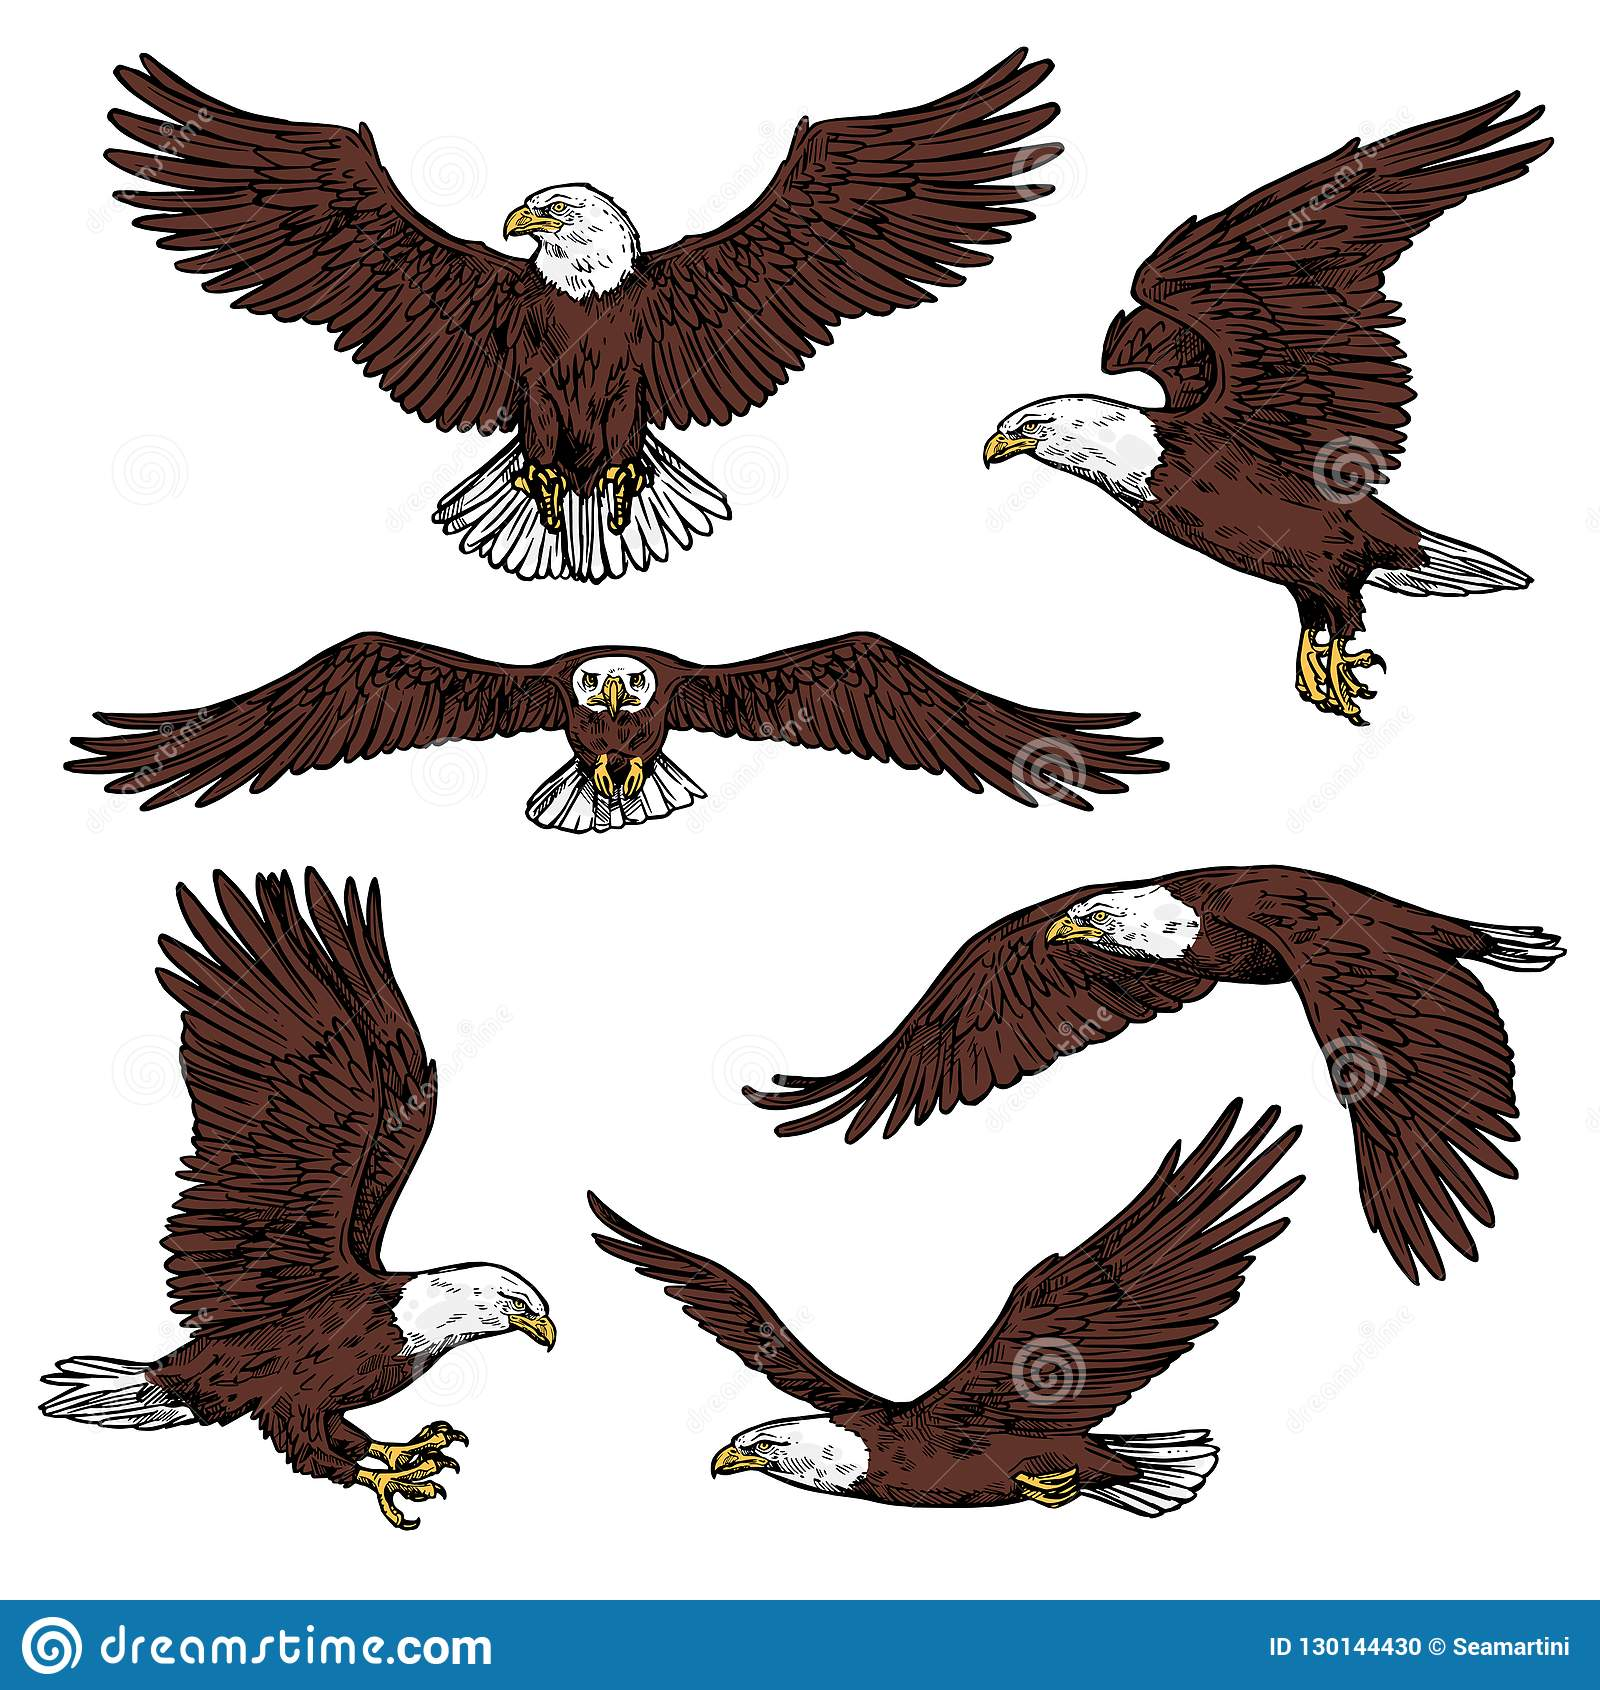 Harrier ilustraciones stock vectores y clipart 405 ilustraciones stock